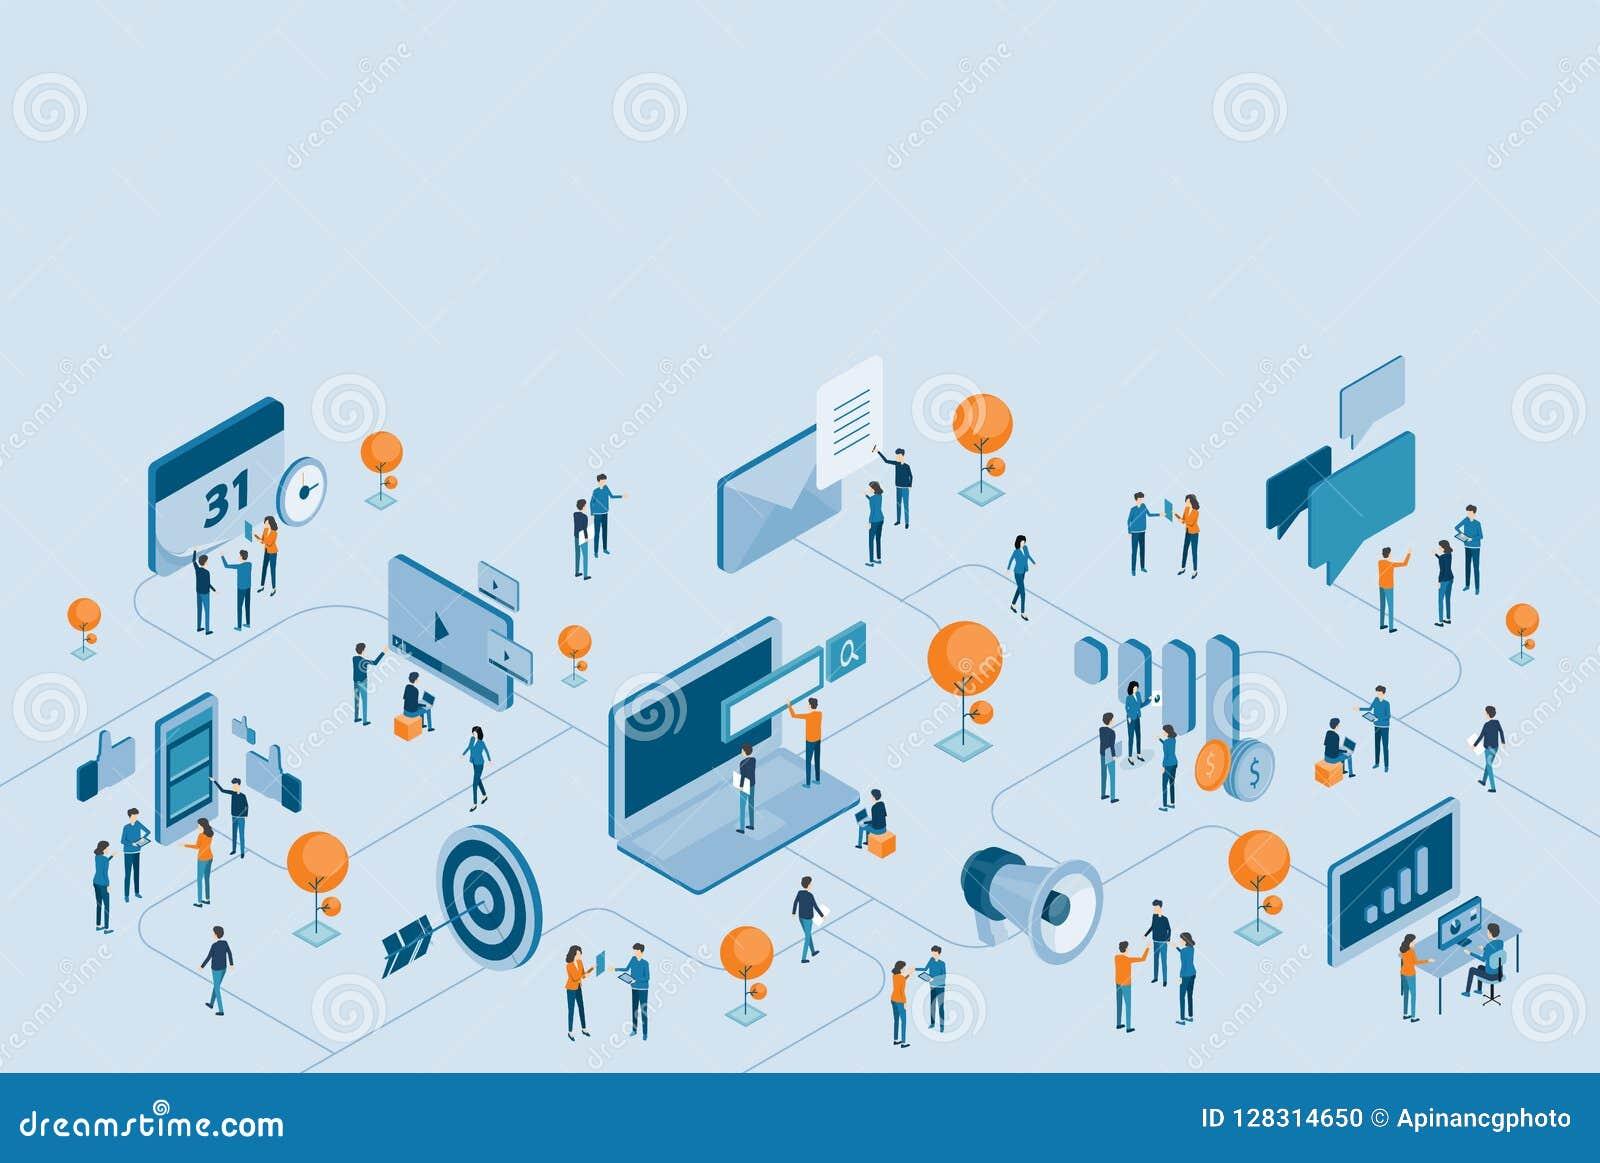 Isometrisch ontwerp voor bedrijfs digitale marketing online verbinding